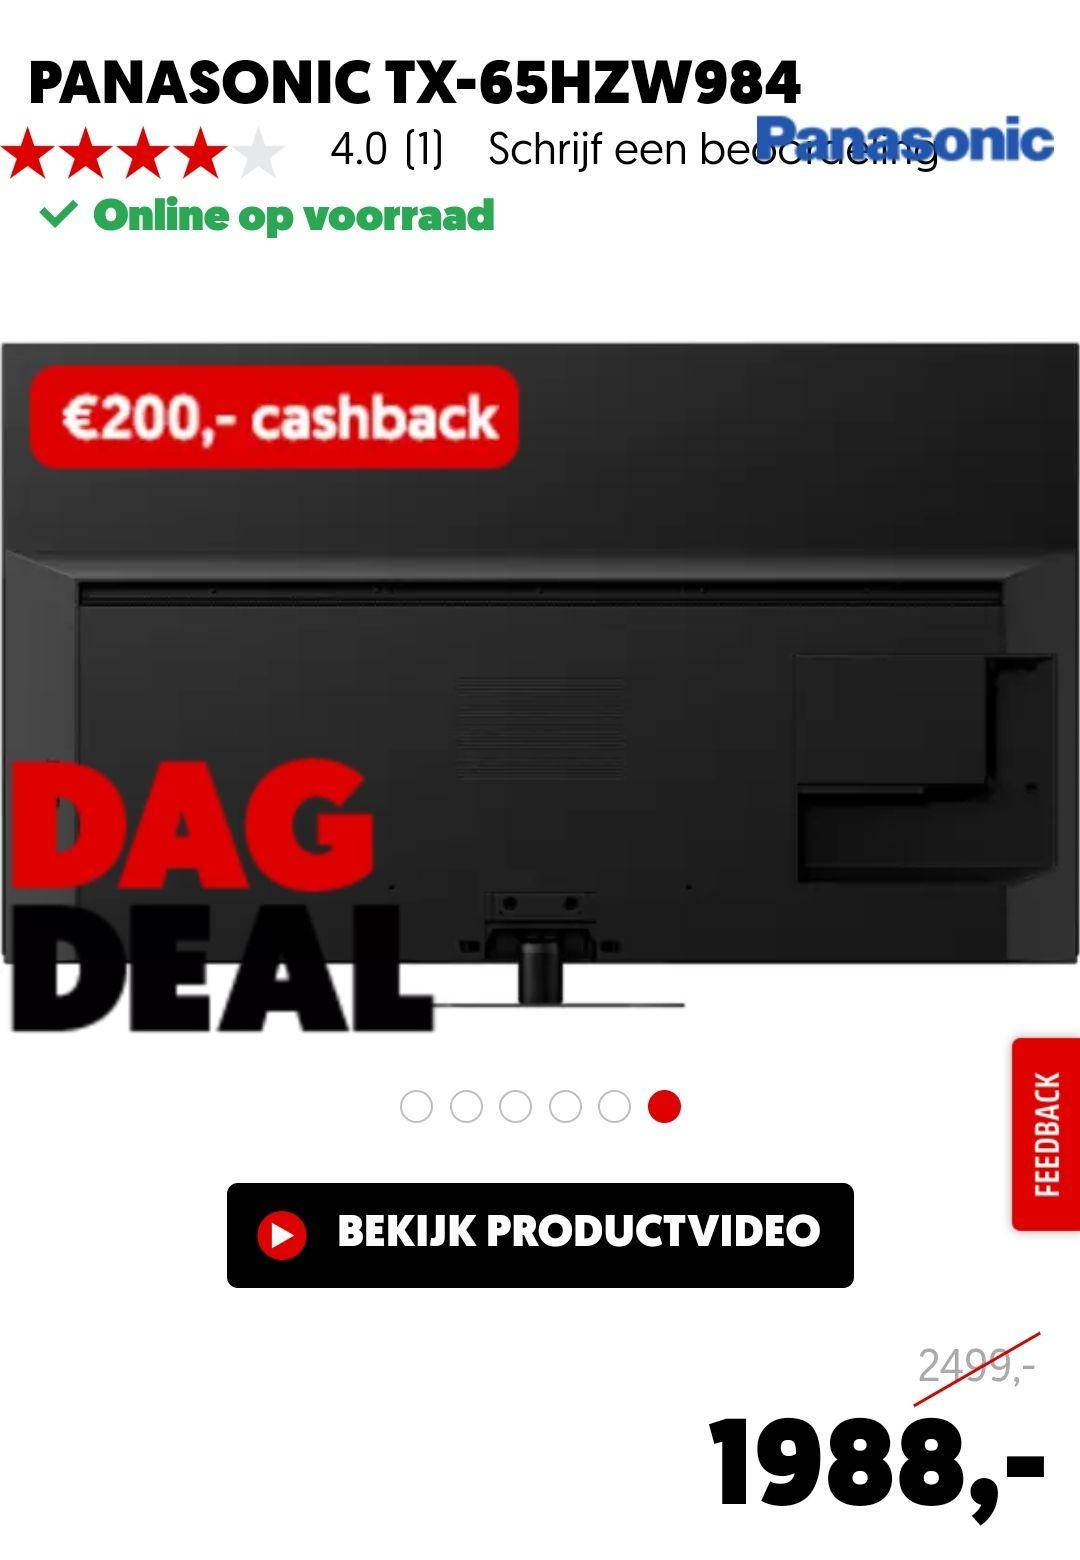 Dagdeal MediaMarkt! Panasonic tx-65hzw984 4k OLED TV. Na cashback € 1788,- Elders v.a. 2299